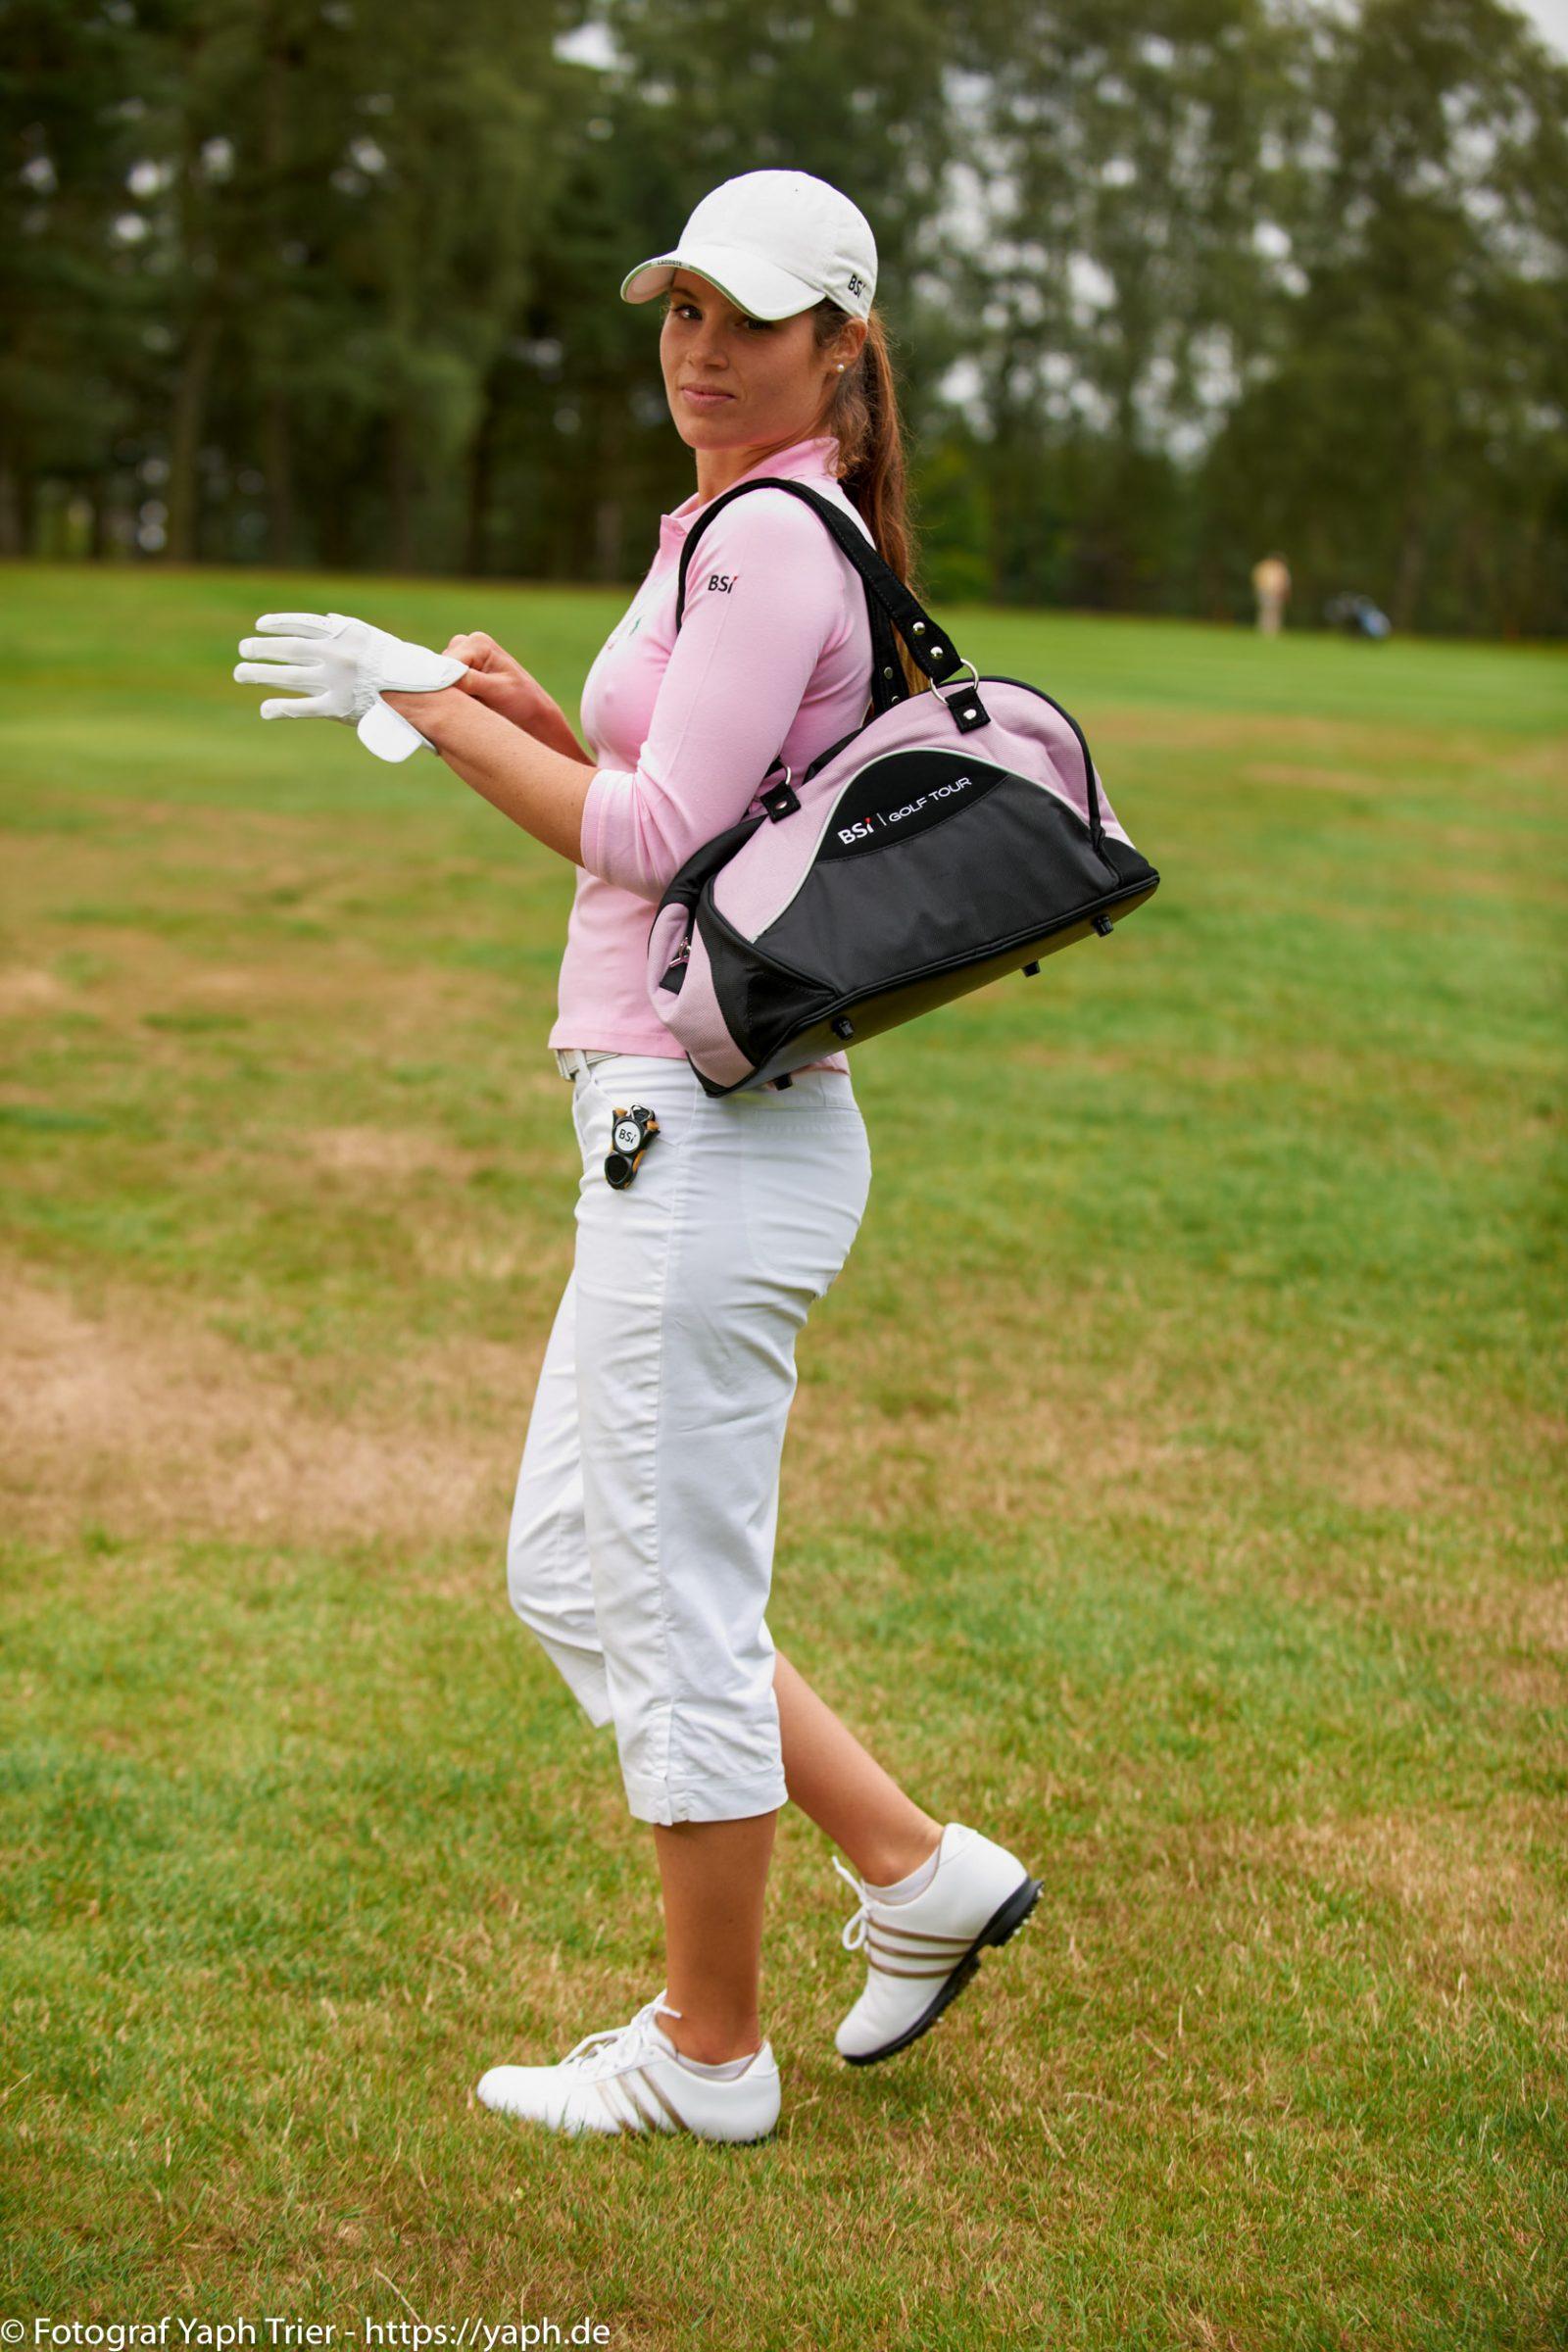 Liebelei Elena Lawrence - luxemburger Golfspielerin bei Fotograf Yaph - 37